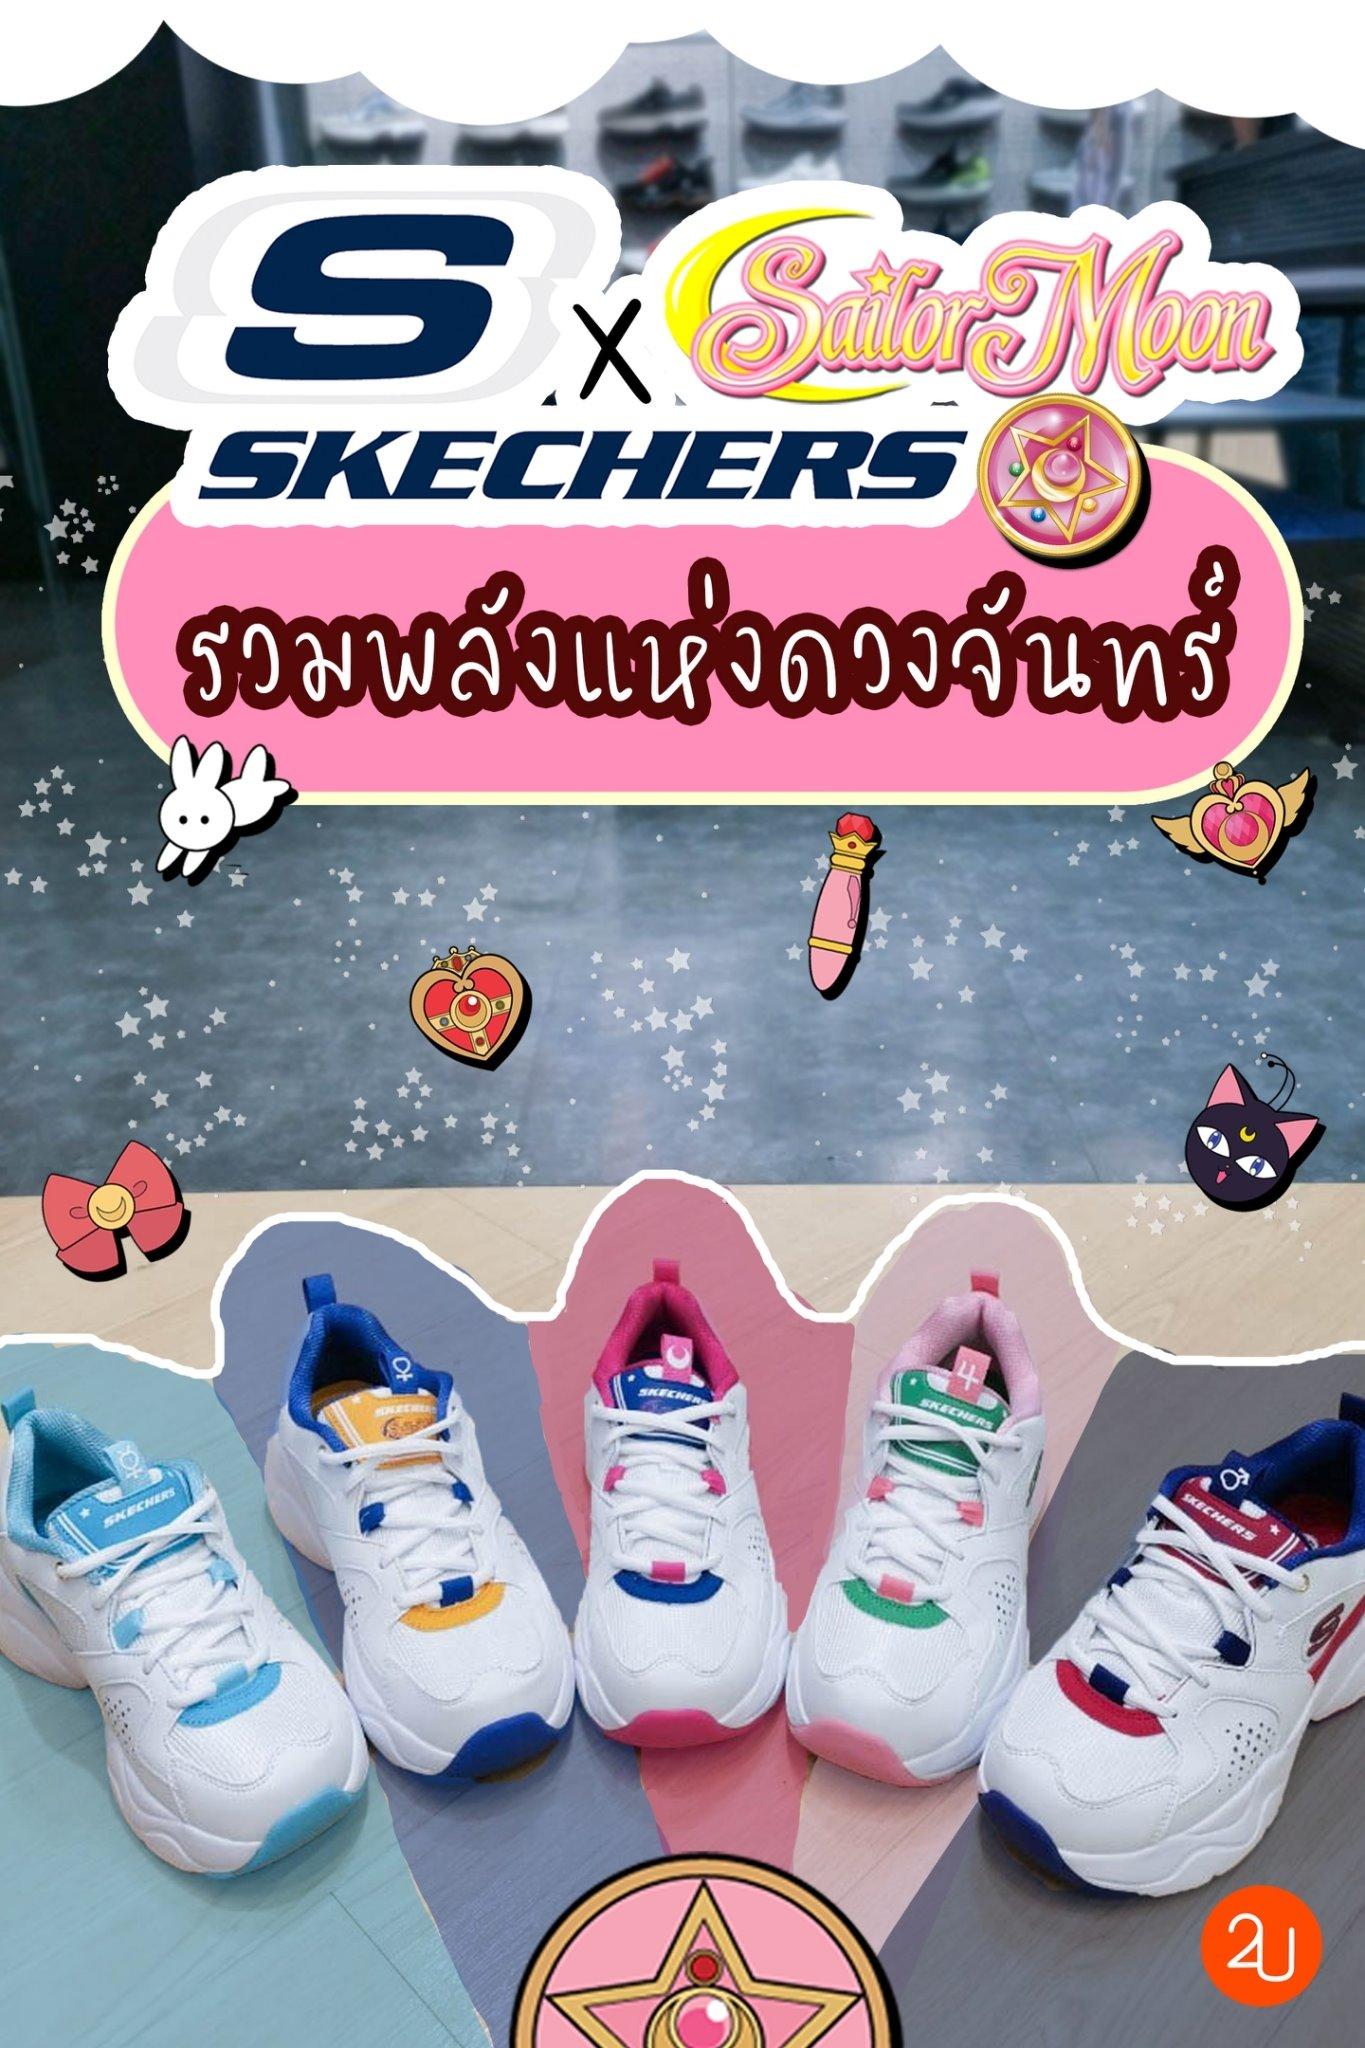 Skechers x Sailor Moon